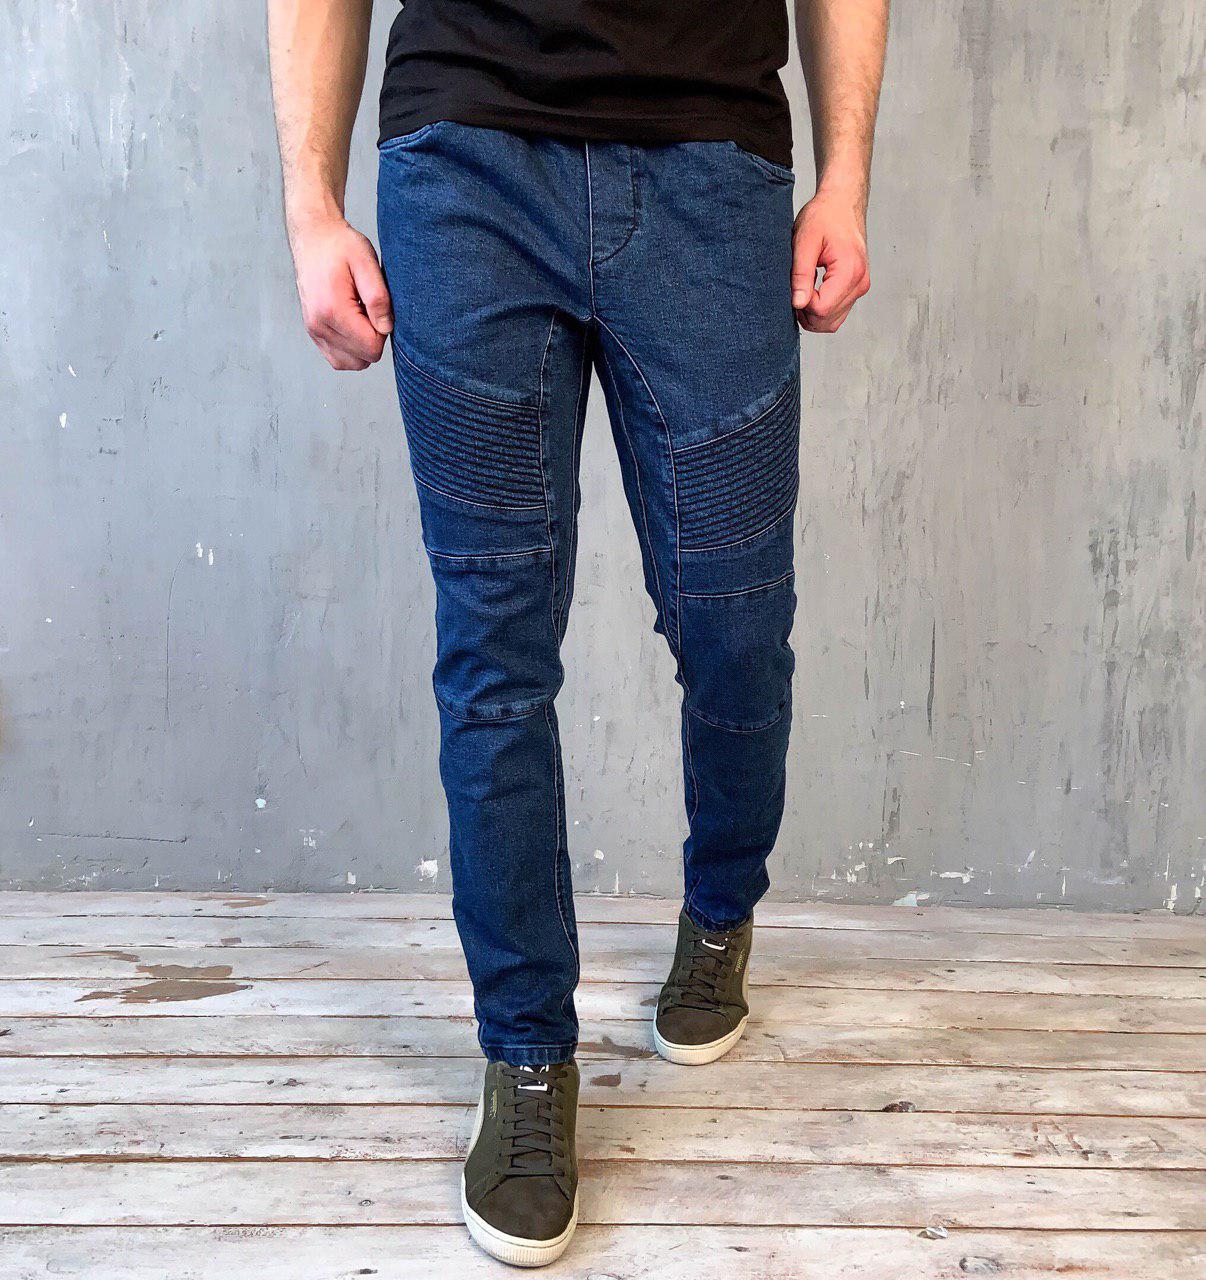 Мужские джинсы джоггеры синие со вставками